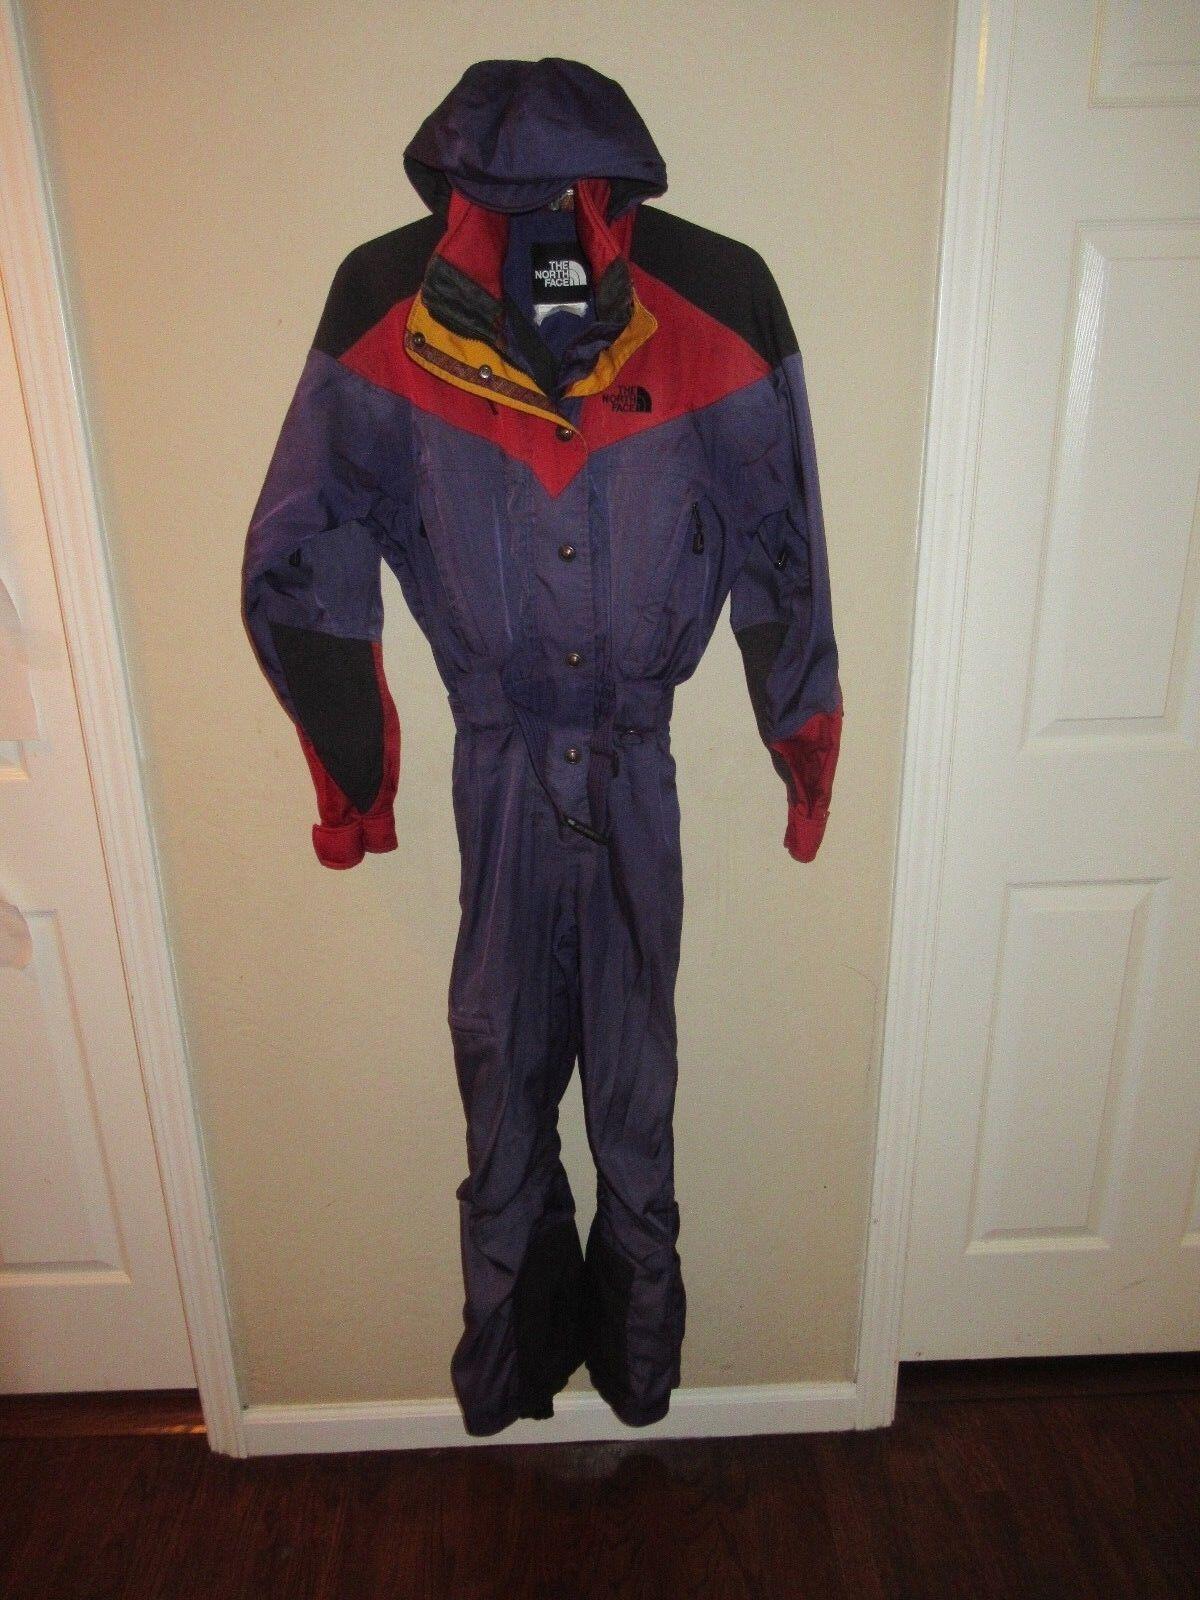 Vintage The North Face Snow Ski Suit Sz 4 Extreme Gear BIB Coat Snowsuit